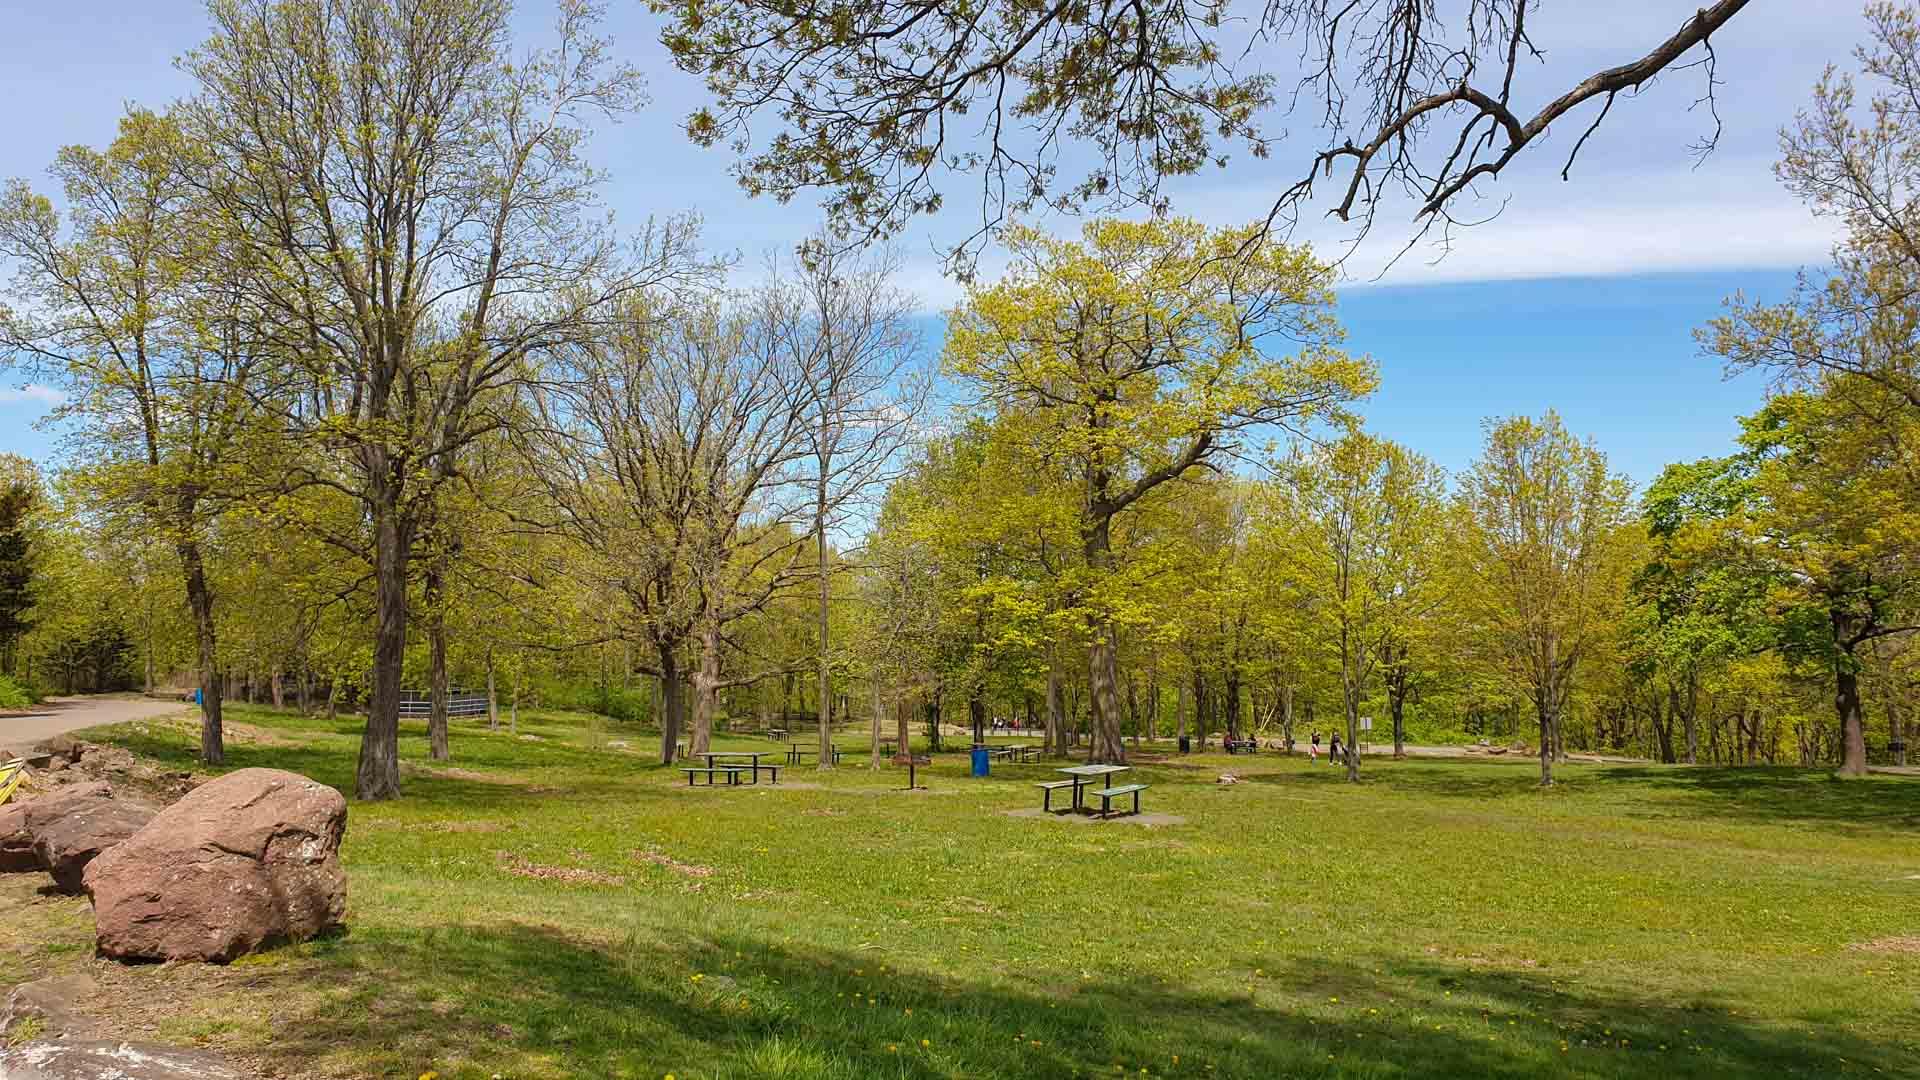 Zona de picnic y barbacoas en East Rock Park, New Haven, Connecticut